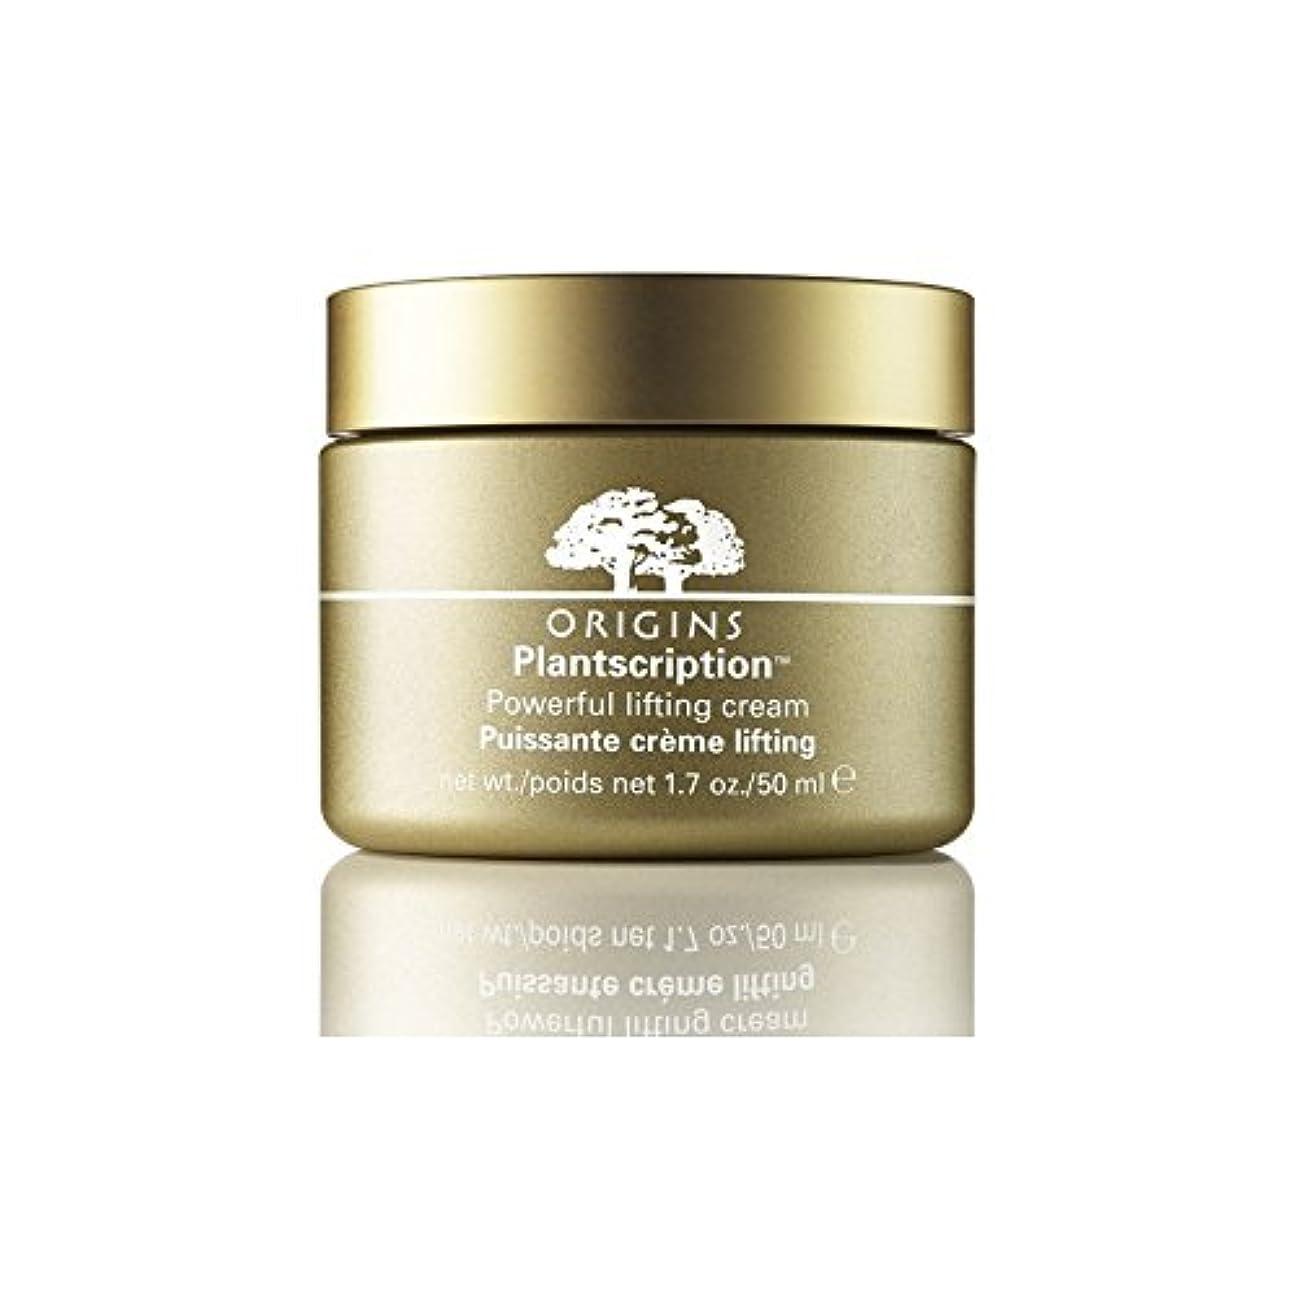 単調な緩やかな安心Origins Plantscription Powerful Lifting Cream 50ml - 起源強力なリフティングクリーム50 [並行輸入品]